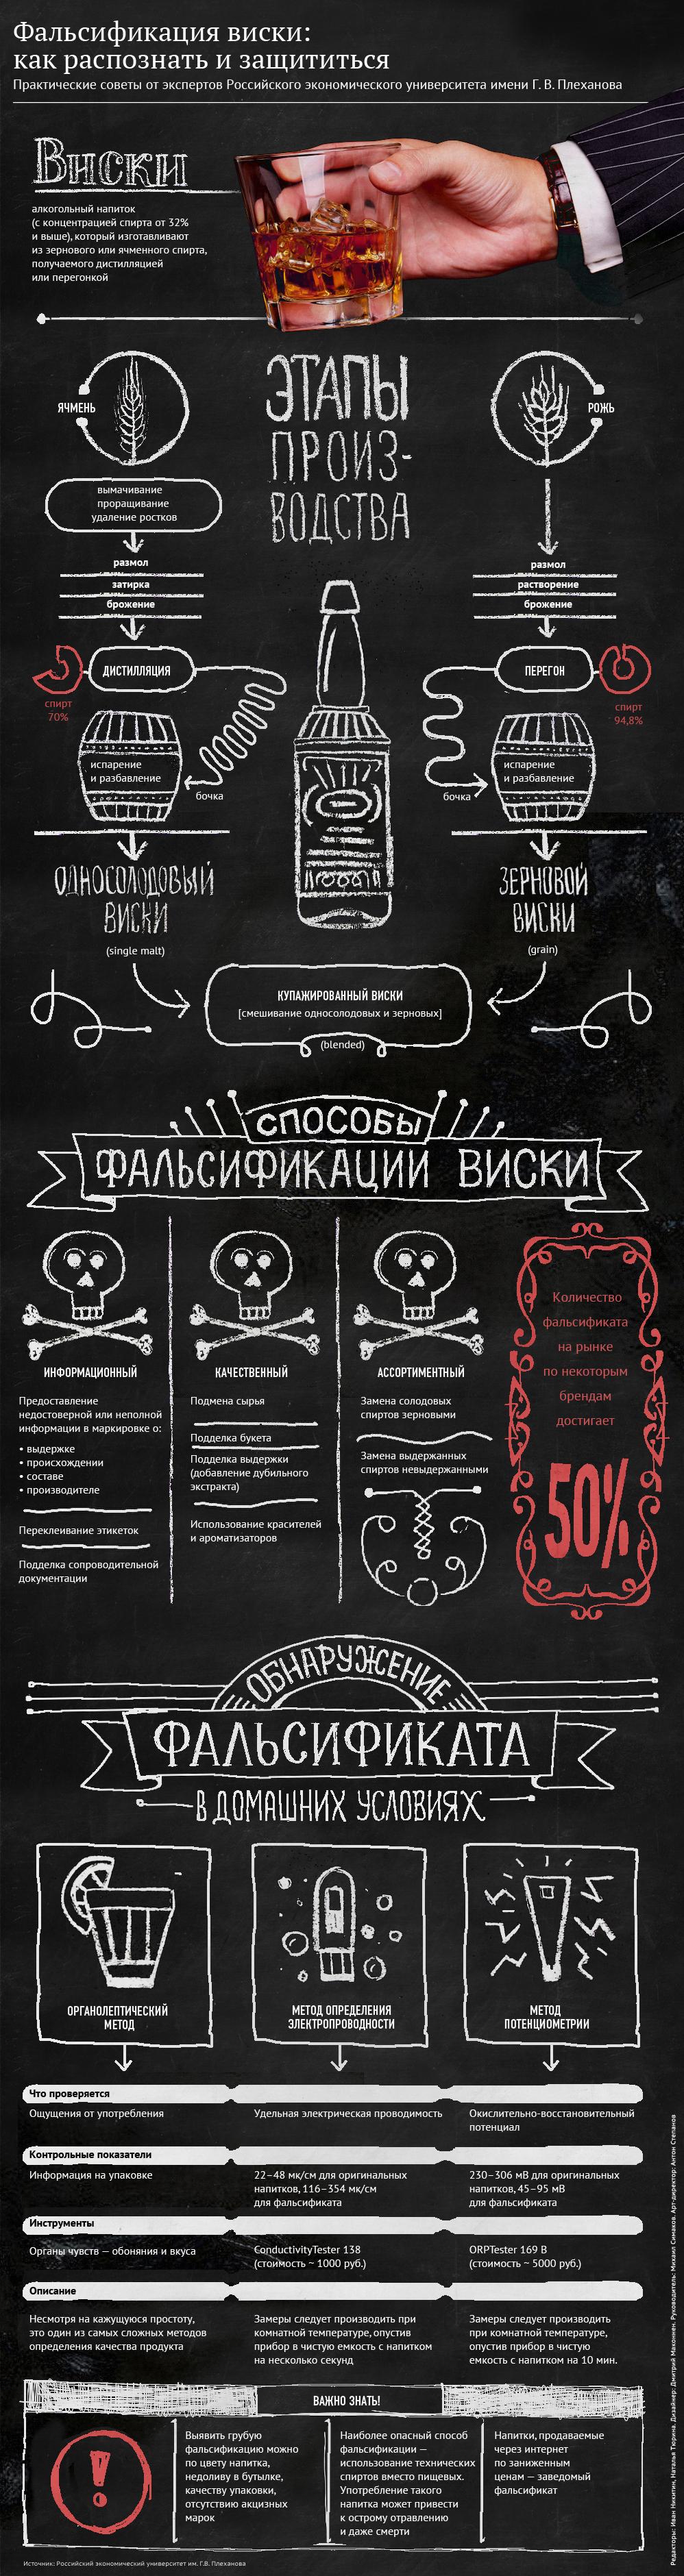 Фальсификация виски: признаки подделки - Sputnik Азербайджан